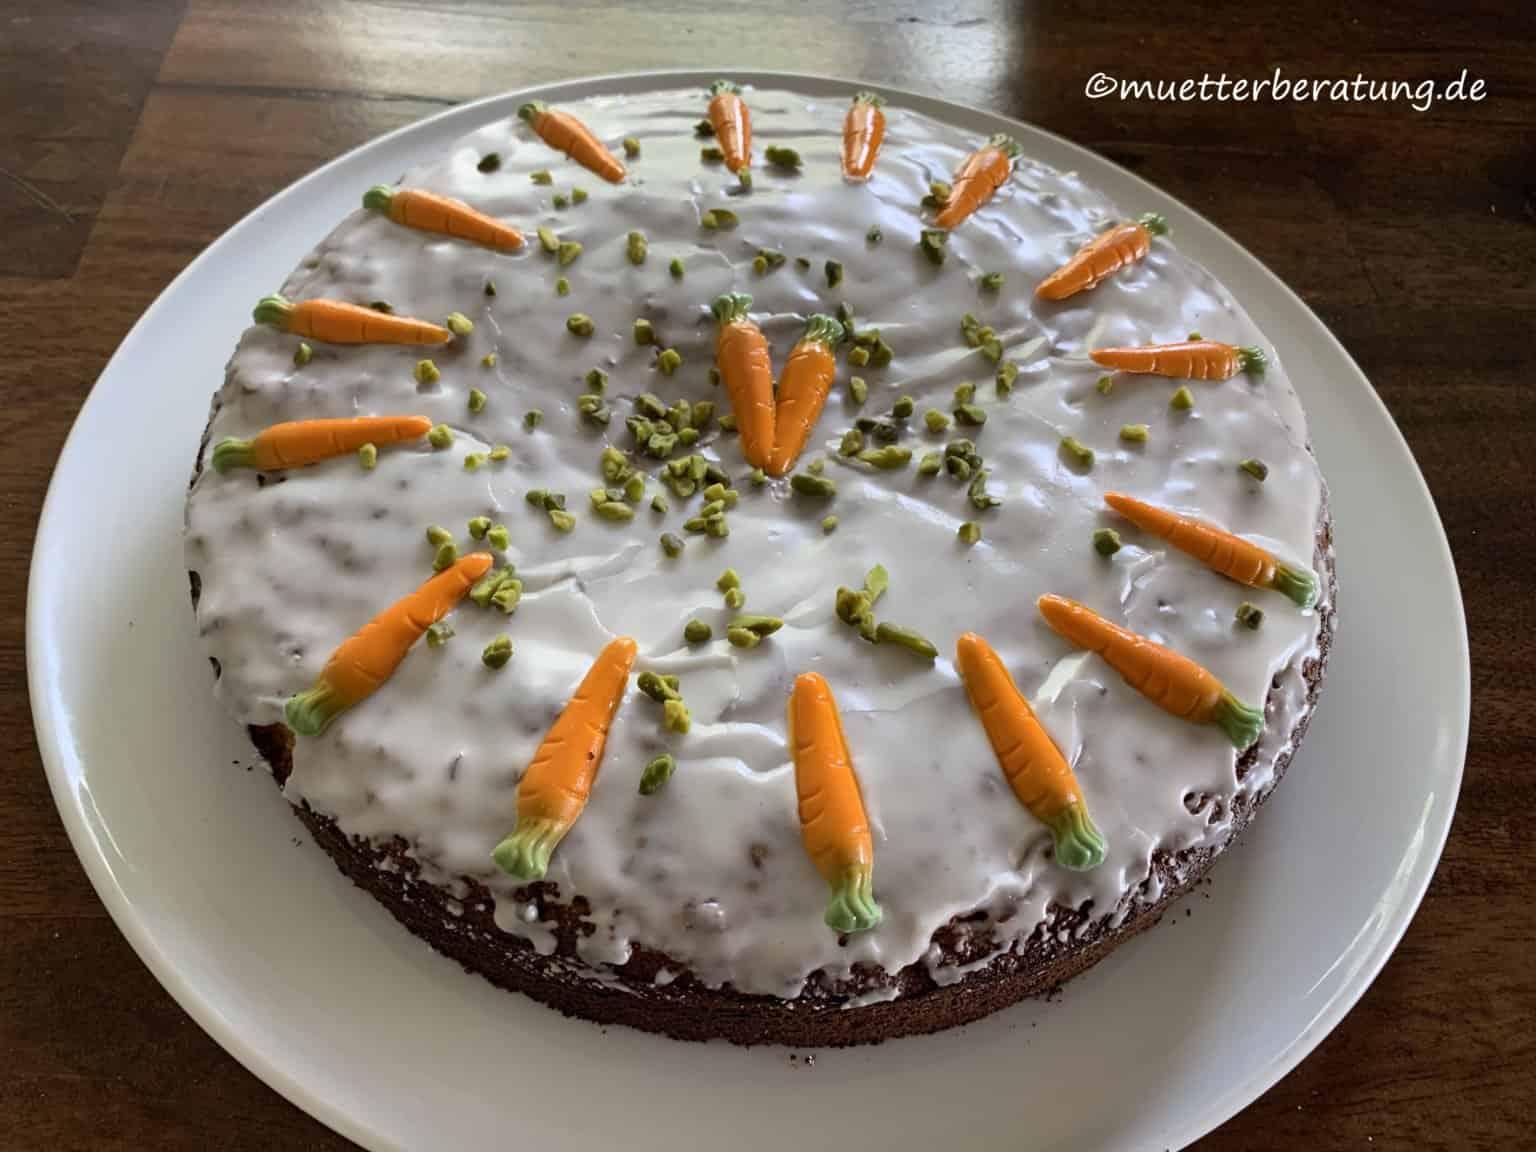 Rüblitorte: Rezept einfach und schnell. Rüblitorte mit Puderzuckerguß und Marzipan-Karotten